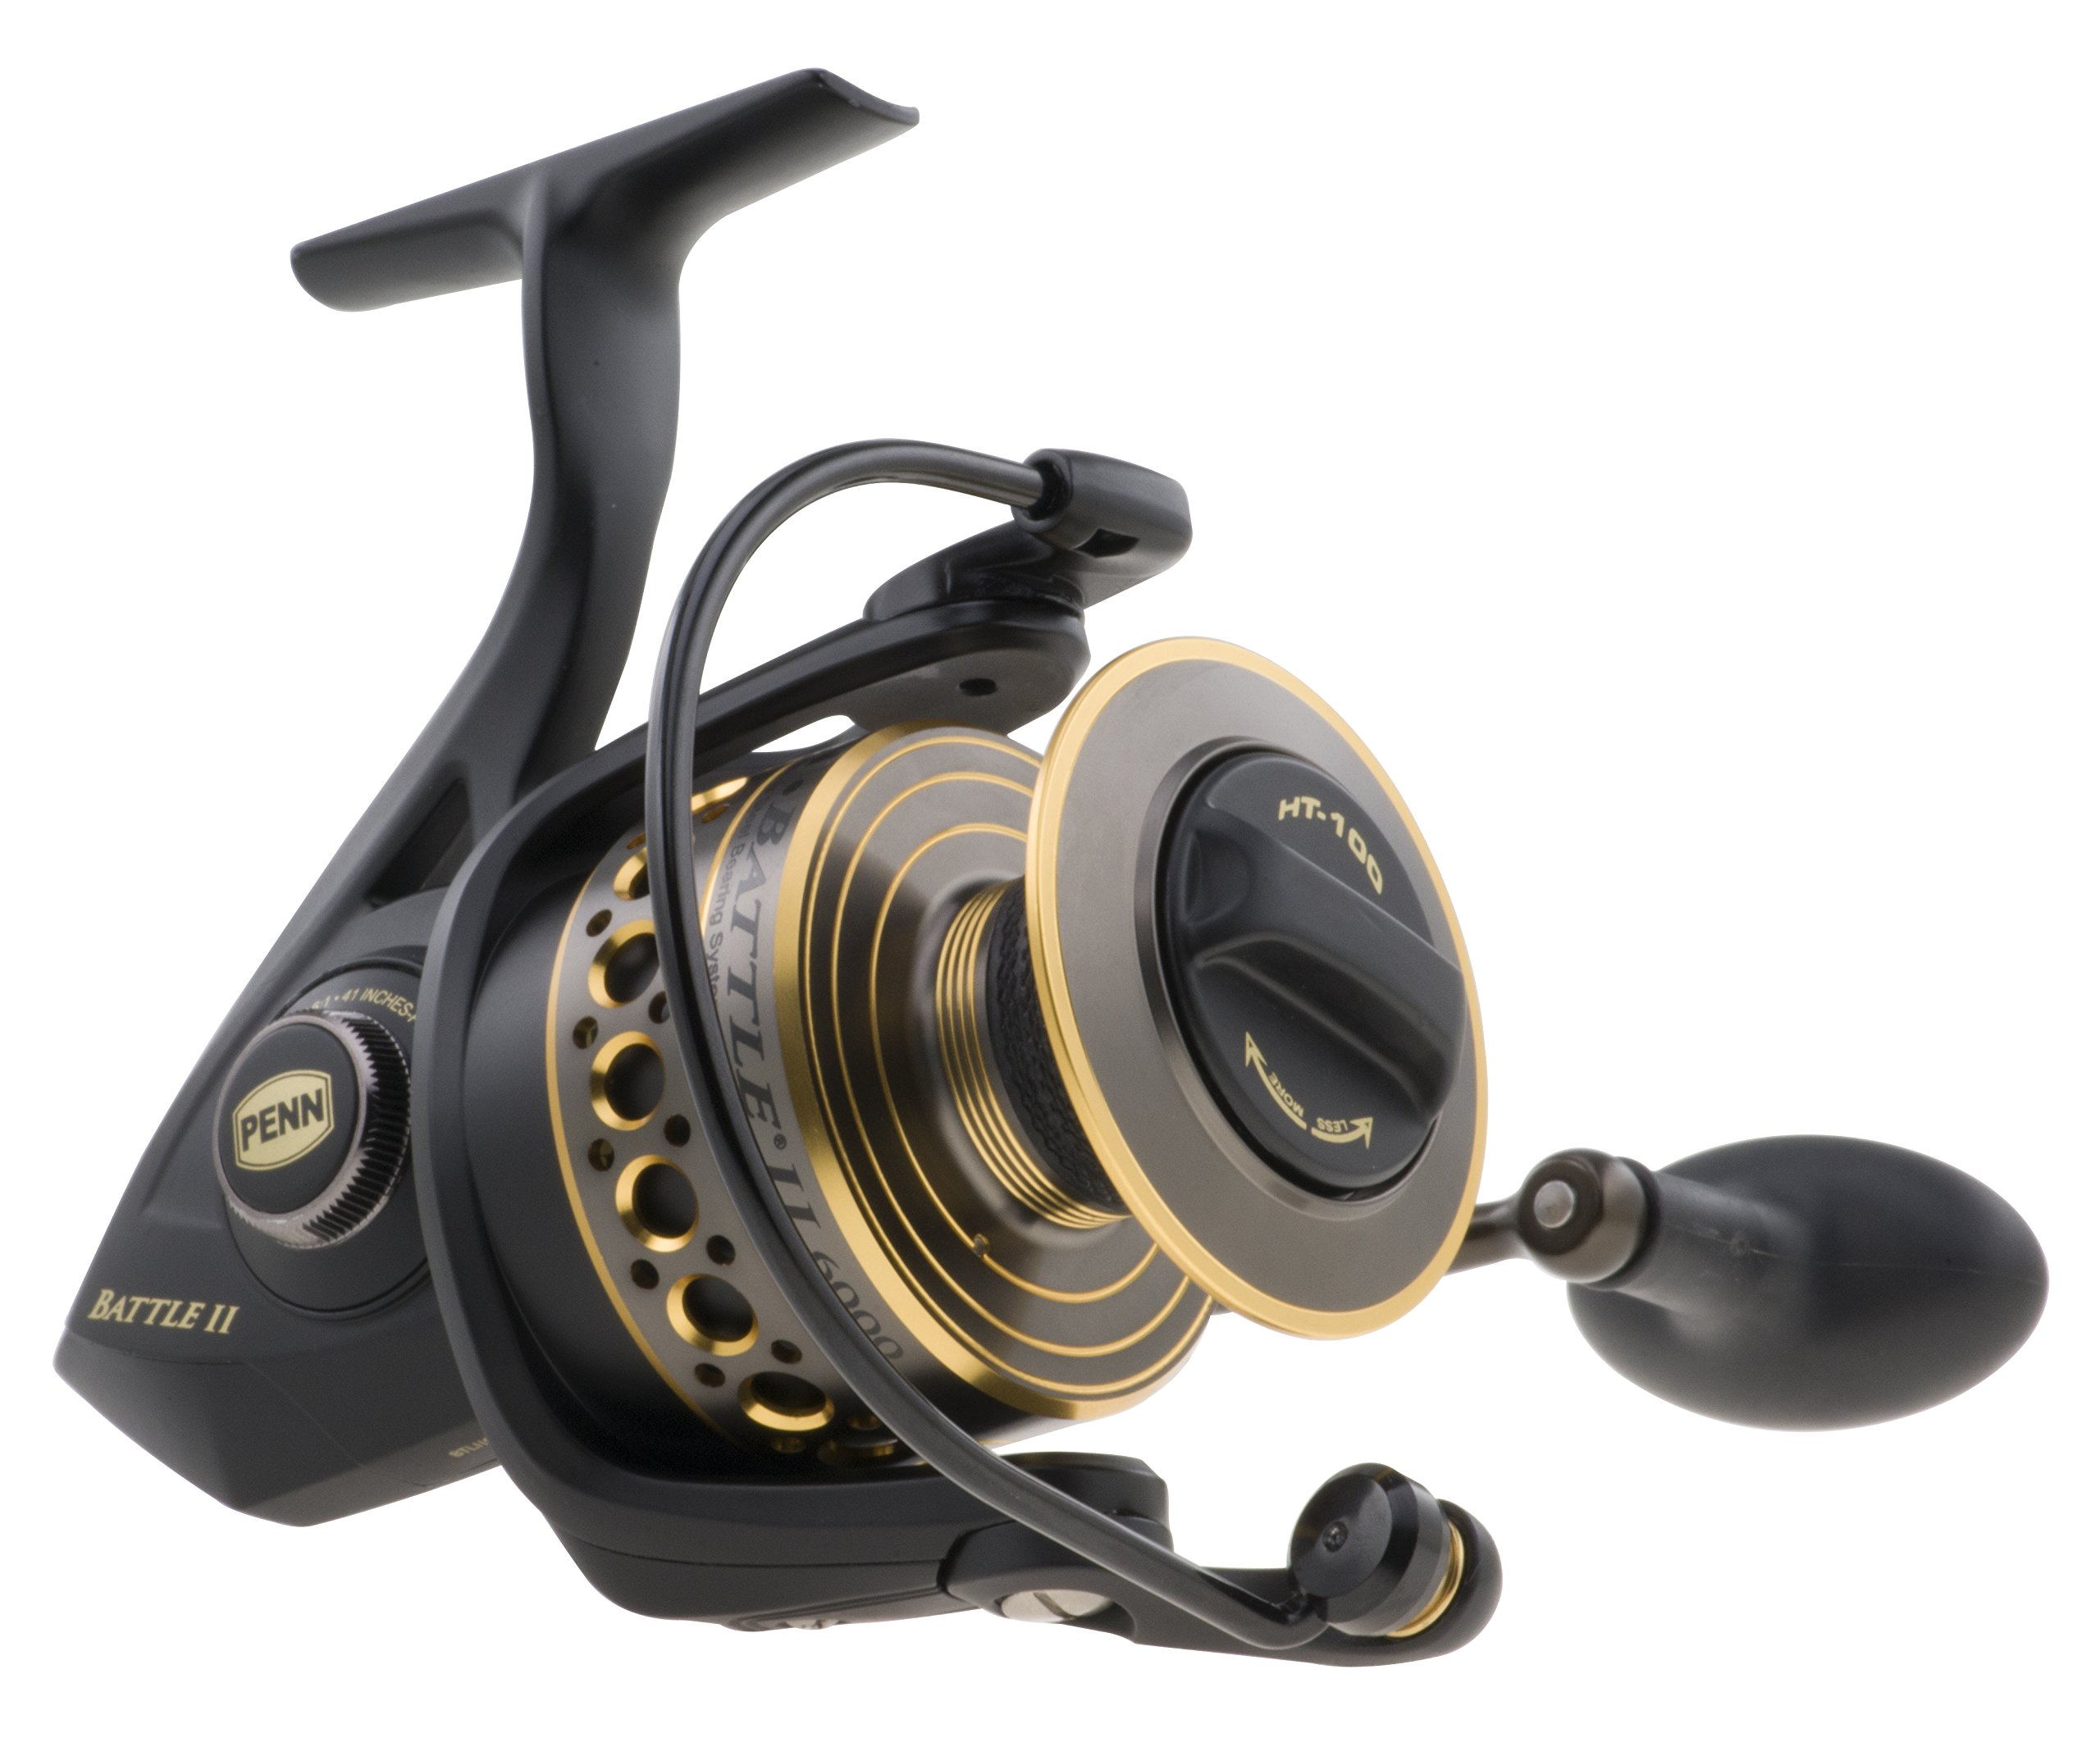 Penn 1338220 Battle Spinning Fishing